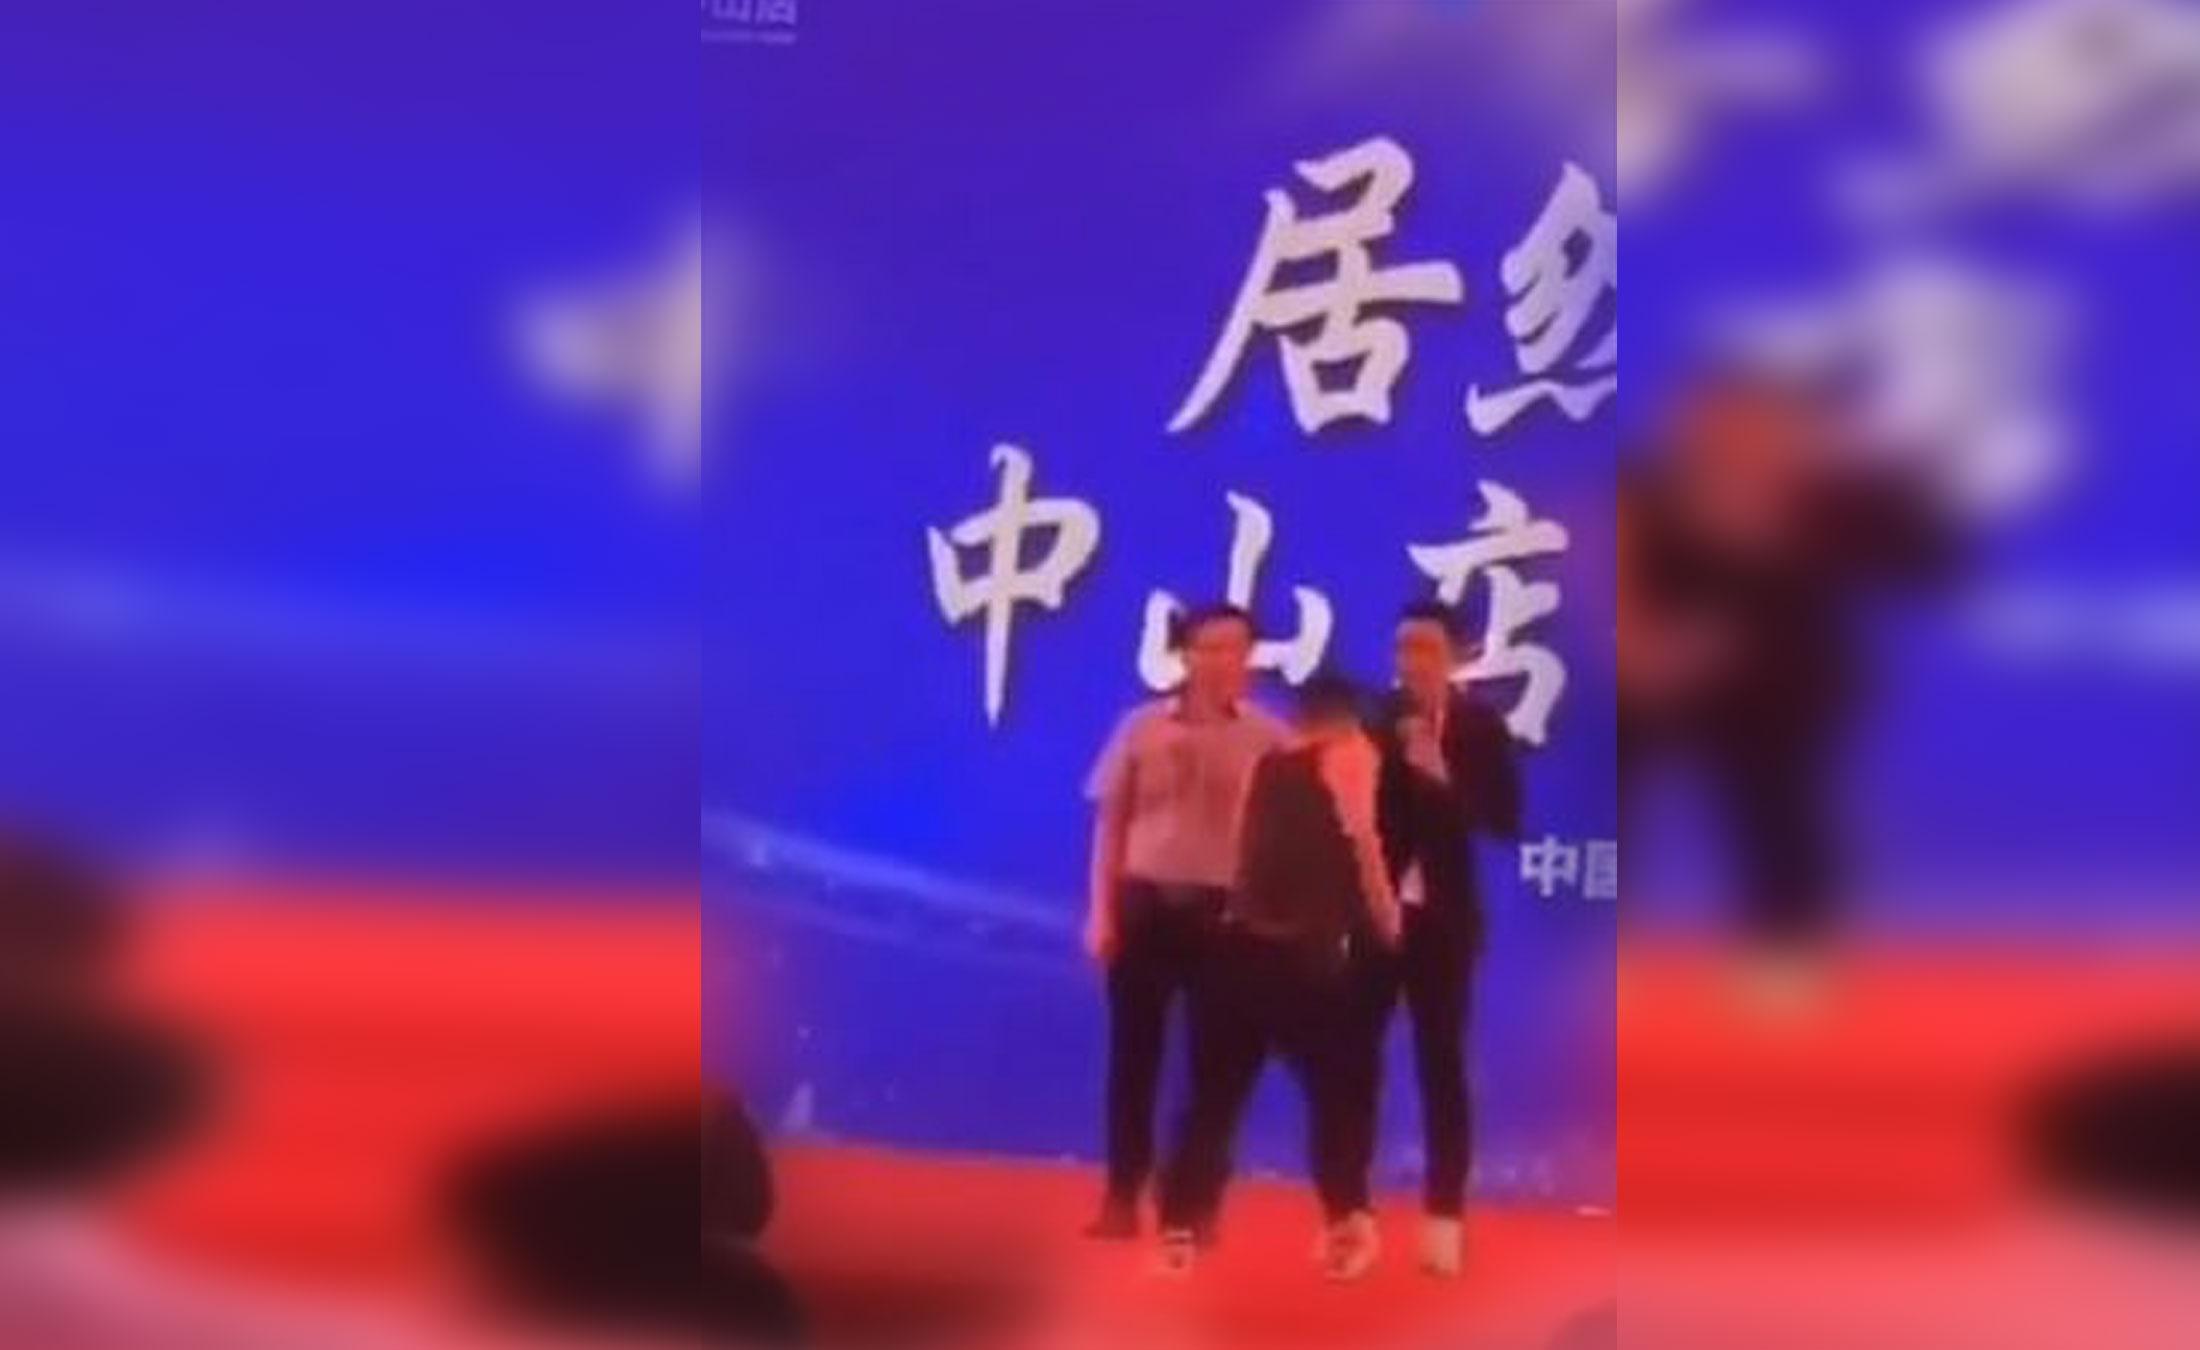 Κίνα: Ηθοποιός δέχτηκε επίθεση με μαχαίρι πάνω στη σκηνή – Video σοκ